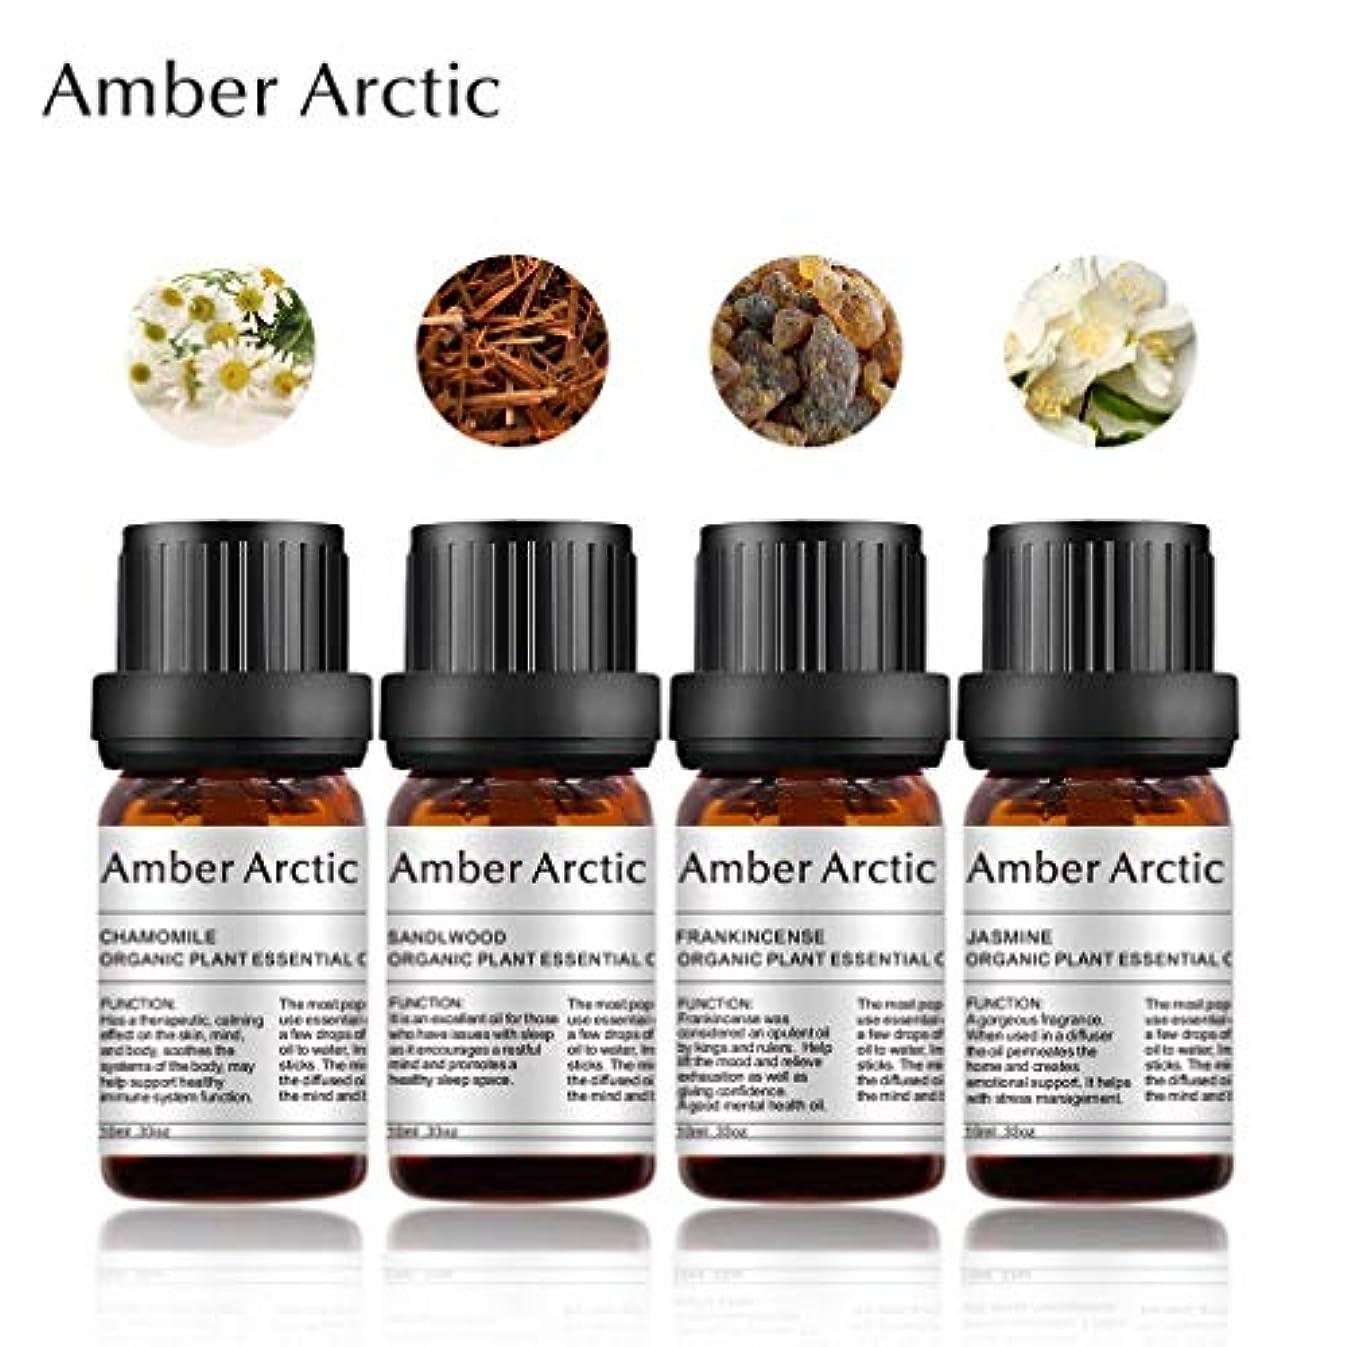 東足首まともなAmber Arctic 4 パック 精油 セット、 100% 純粋 天然 アロマ 最良 治療 グレード エッセンシャル オイル (ジャスミン、 カモミール、 サンダルウッド、 フランキンセンス)